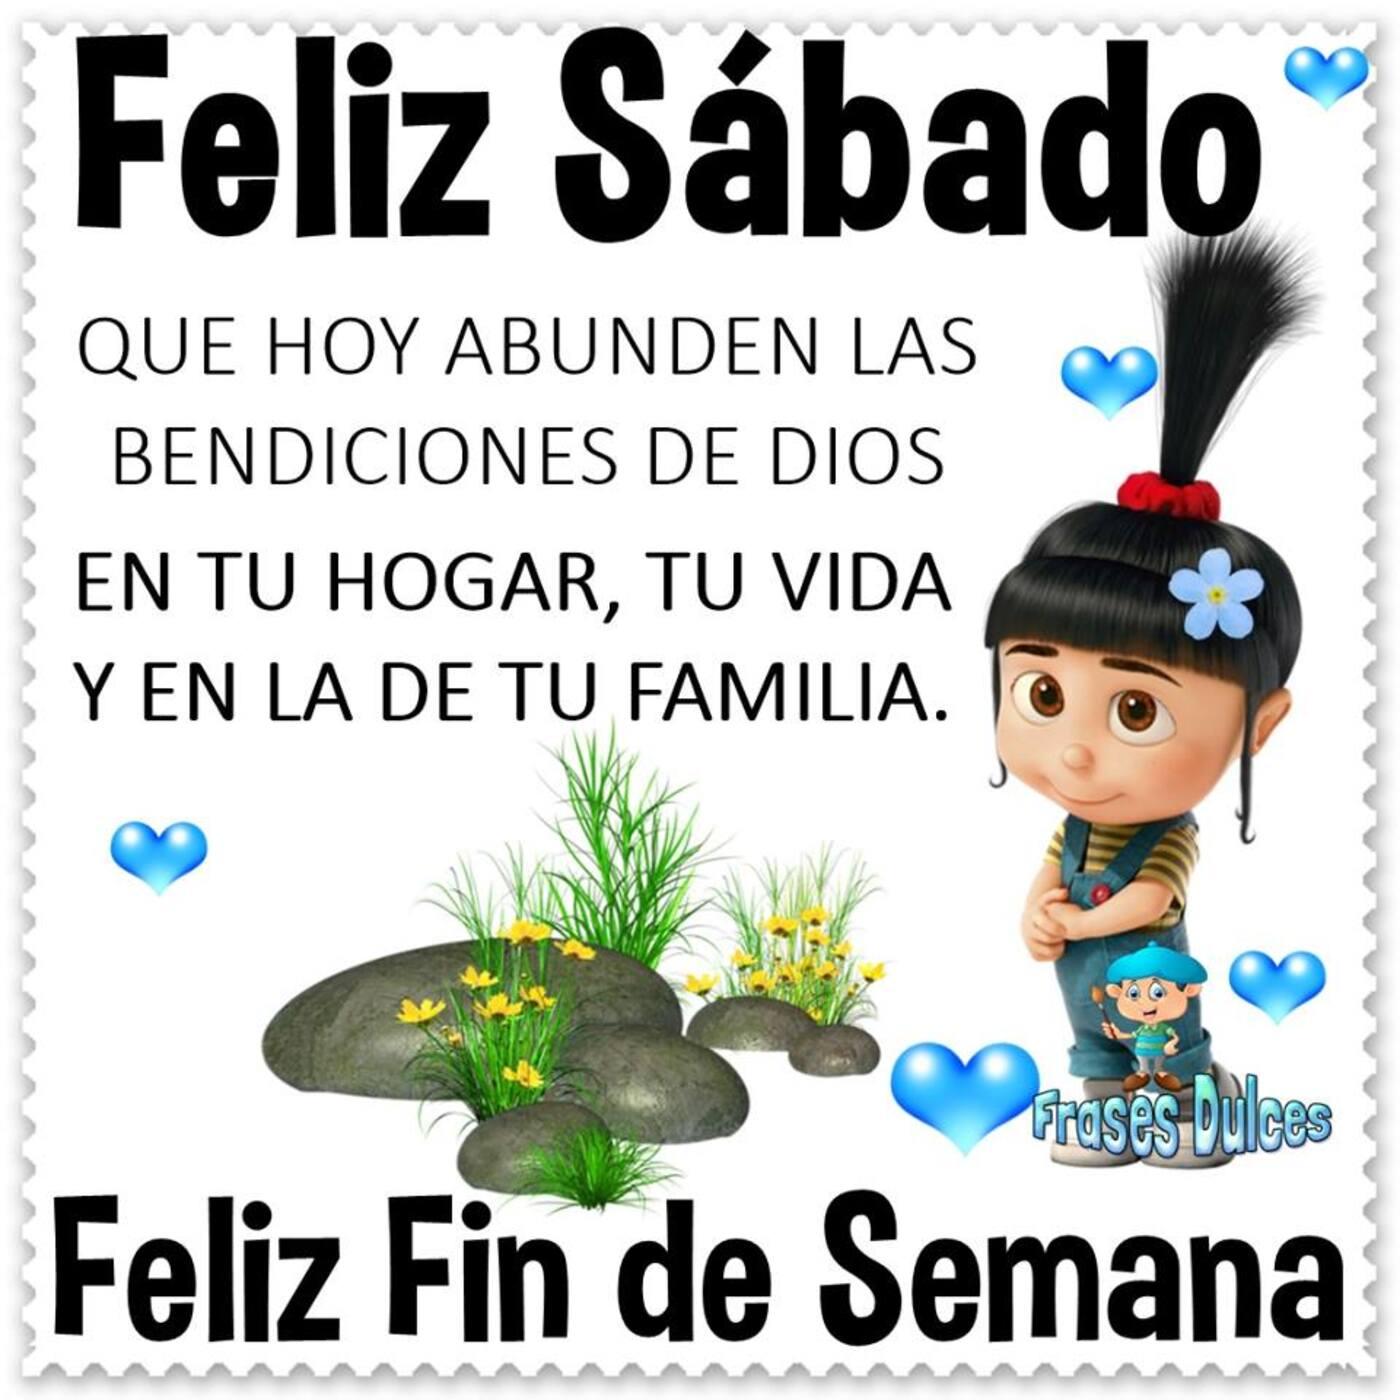 Feliz sábado que hoy abunden las bendiciones de Dios en tu hogar, tu vida y en la de tu familia. Feliz fin de semana